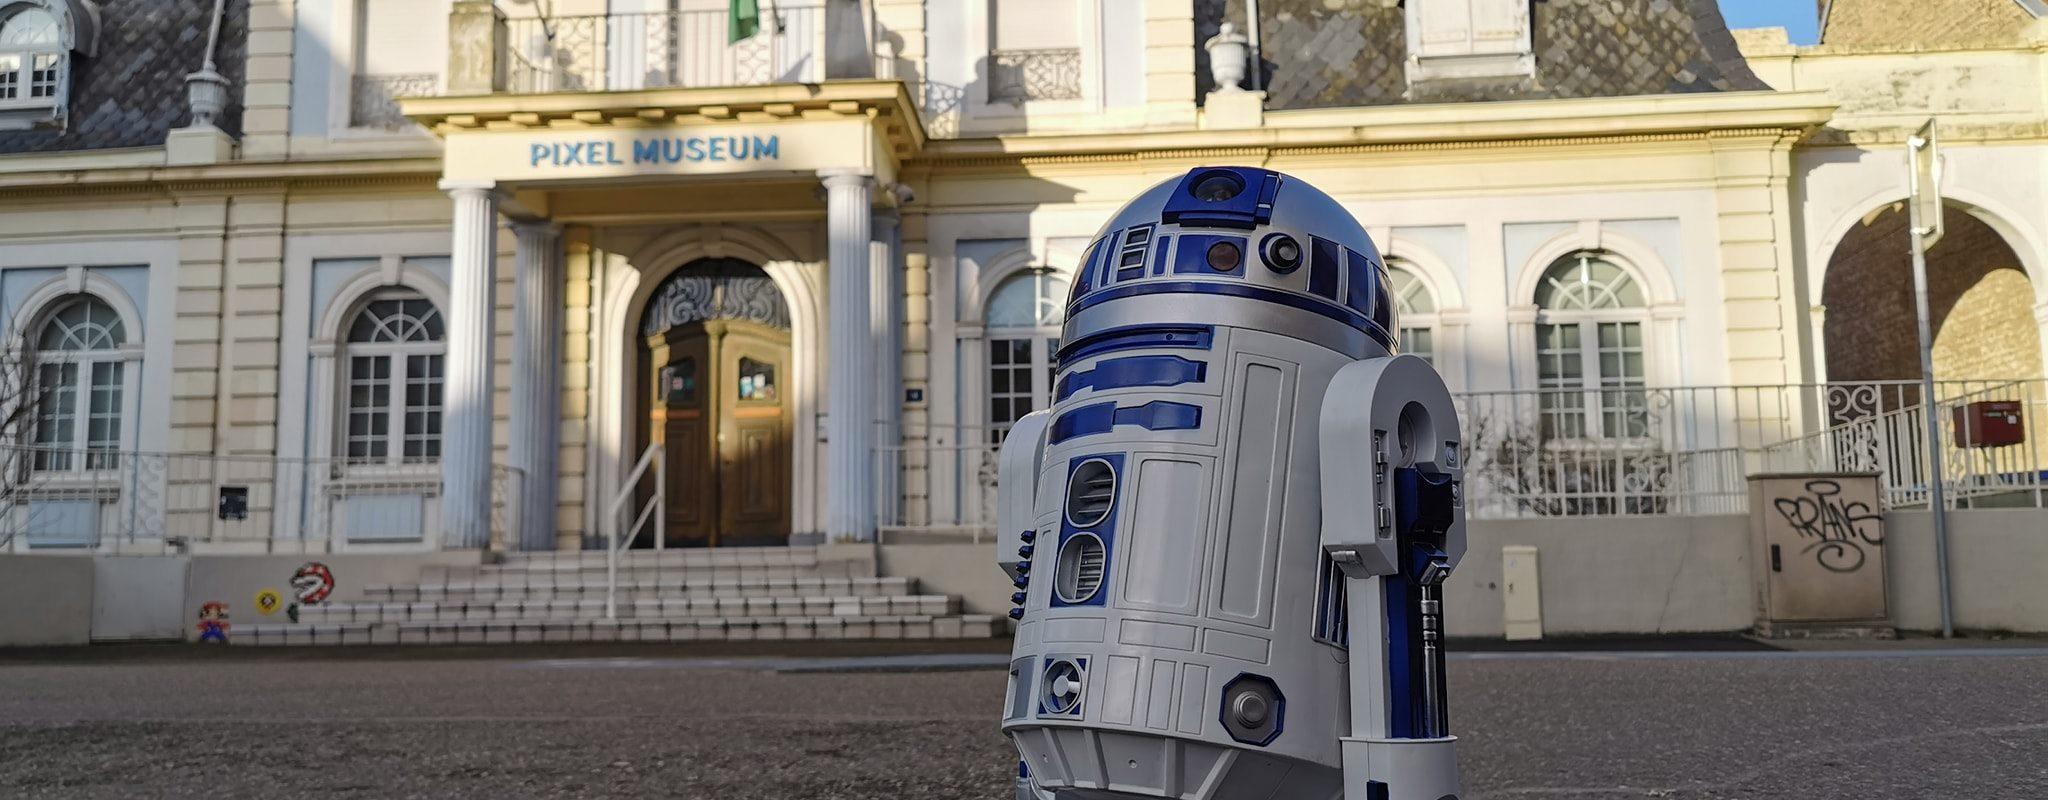 À Schiltigheim, la municipalité lâche le Pixel Museum